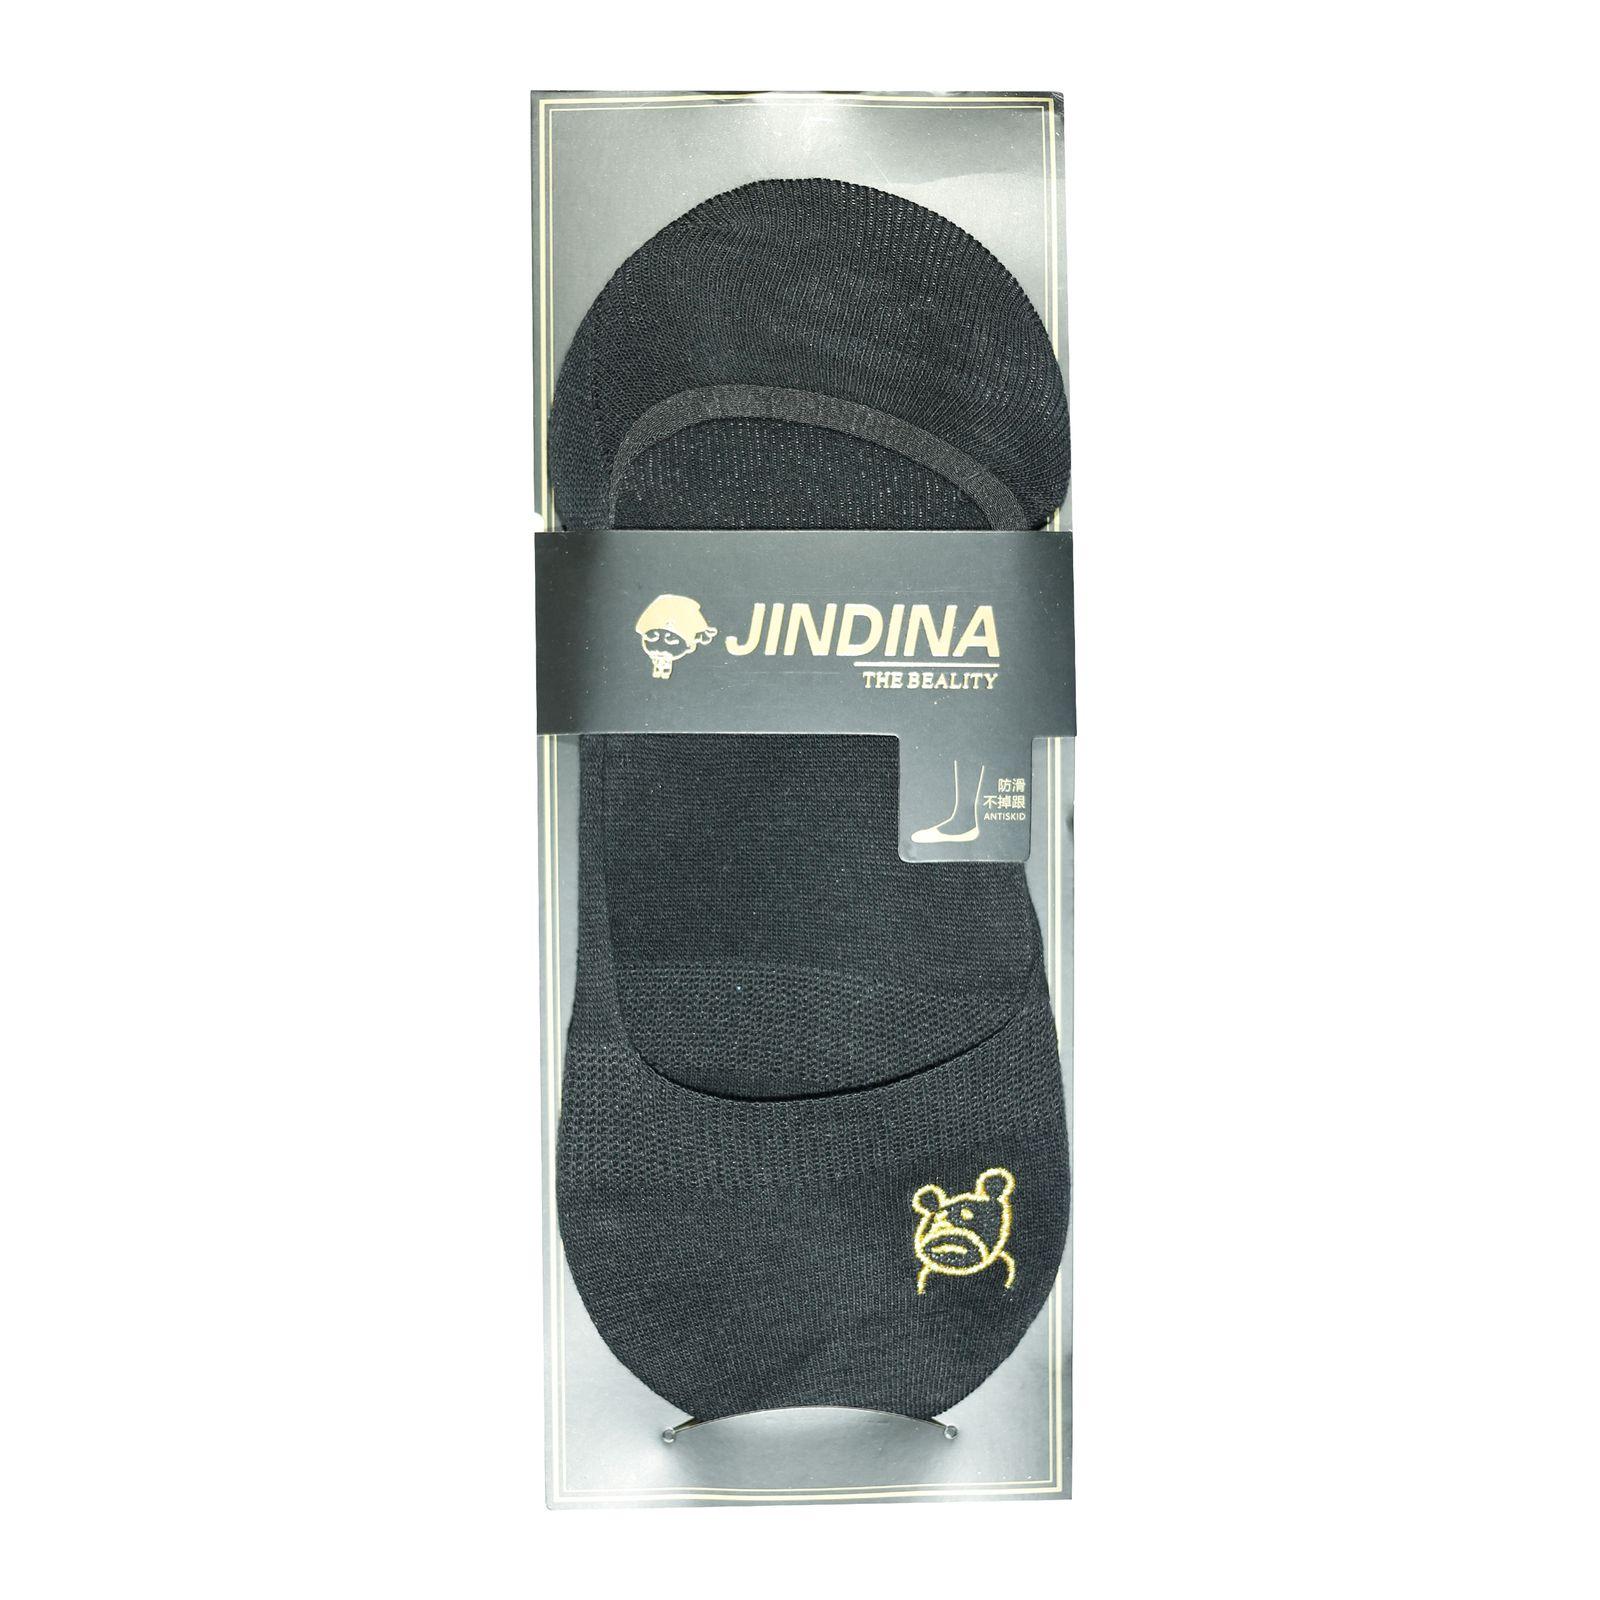 جوراب مردانه جین دینا کد BL-CK 200 مجموعه 3 عددی -  - 3